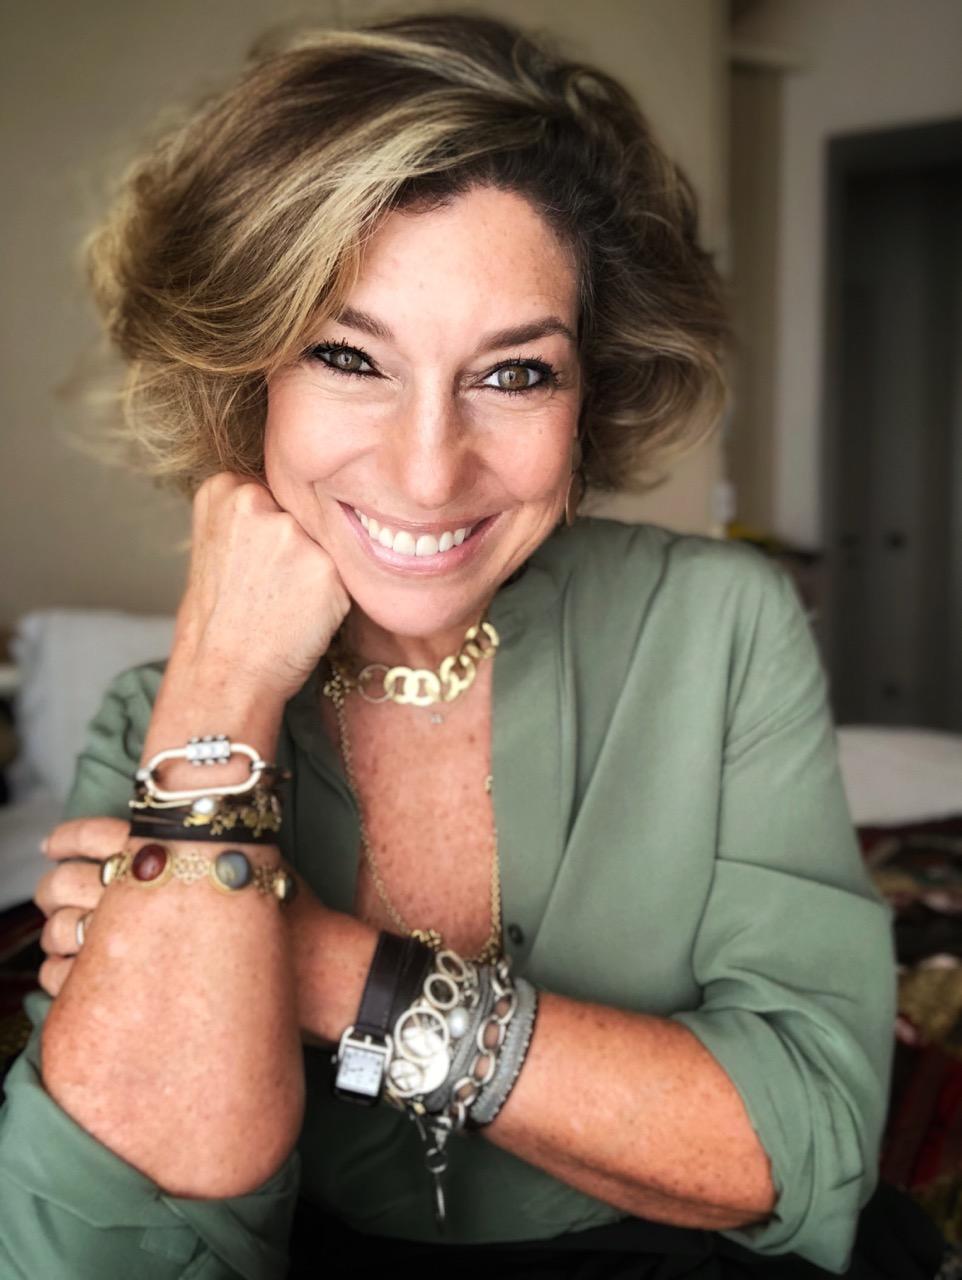 Consuelo Responde… viagens, Florença, maternidade, ídolos, underdressed vs overdressed e muito mais!